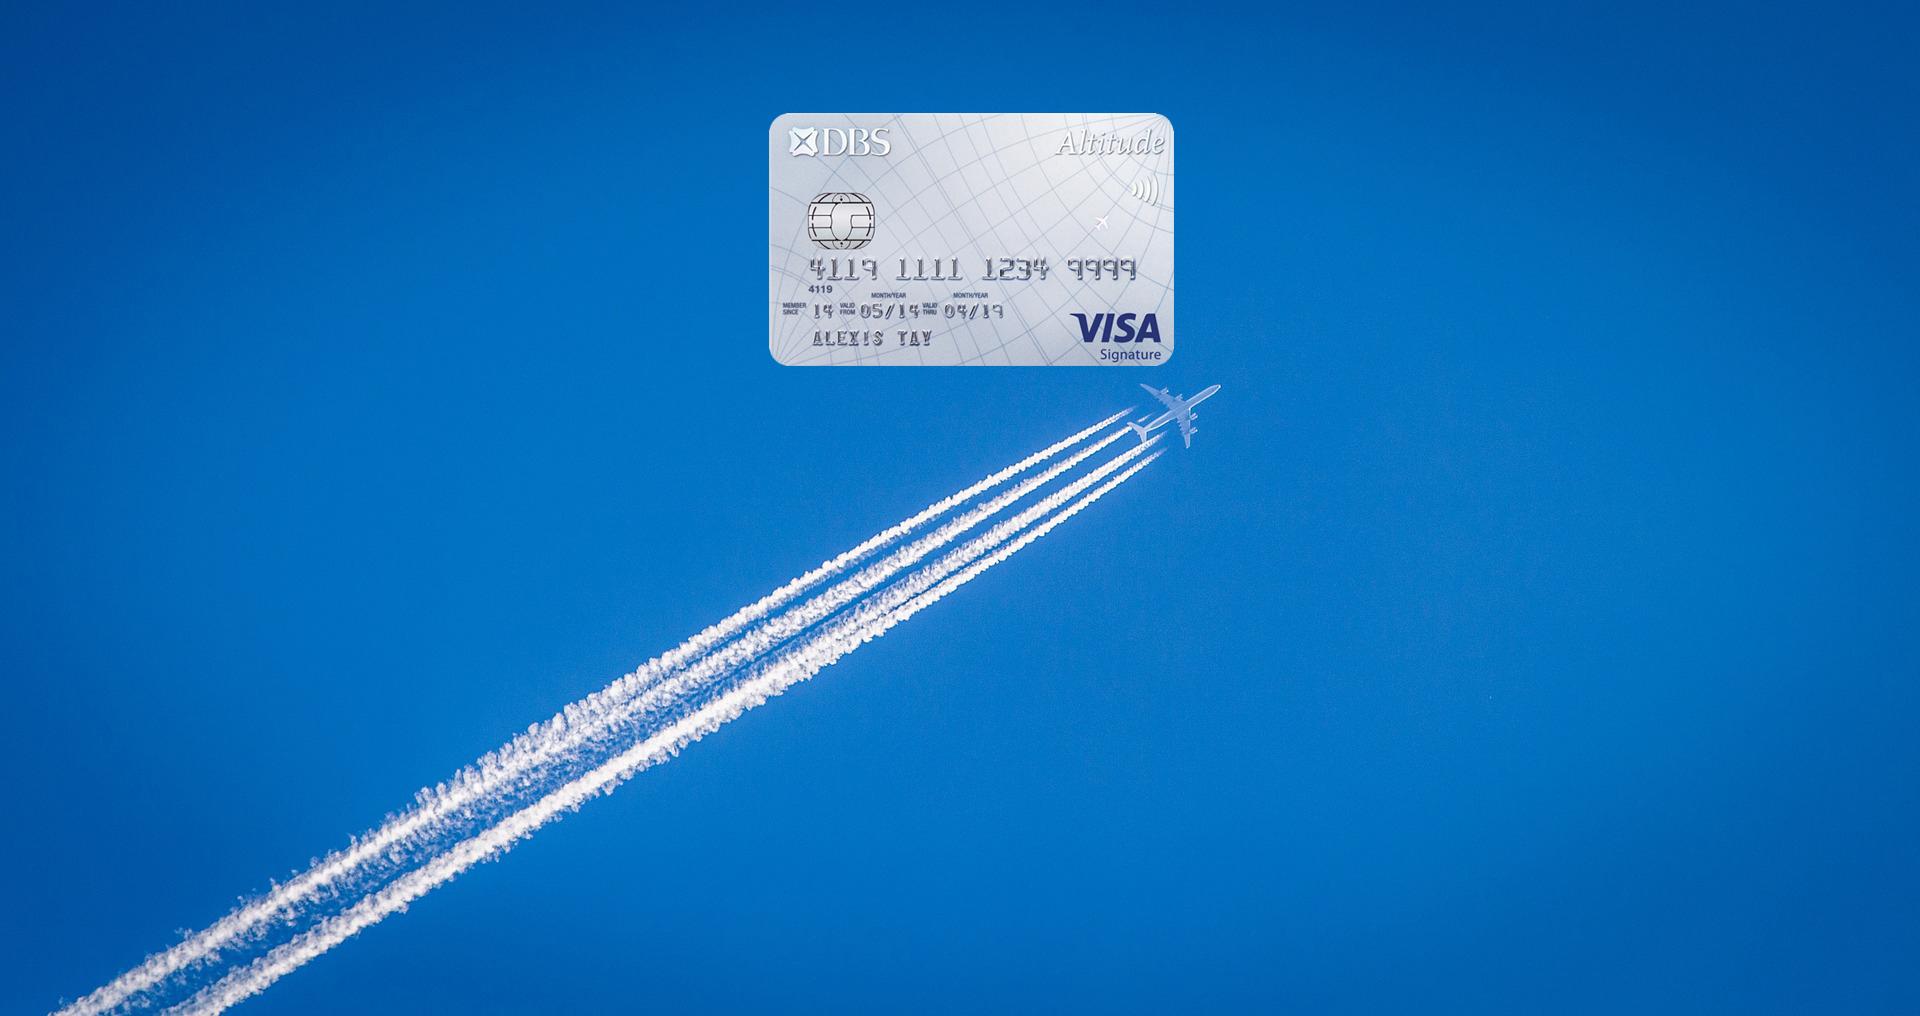 DBS Altitude Visa offering 2,000 bonus miles on overseas spend